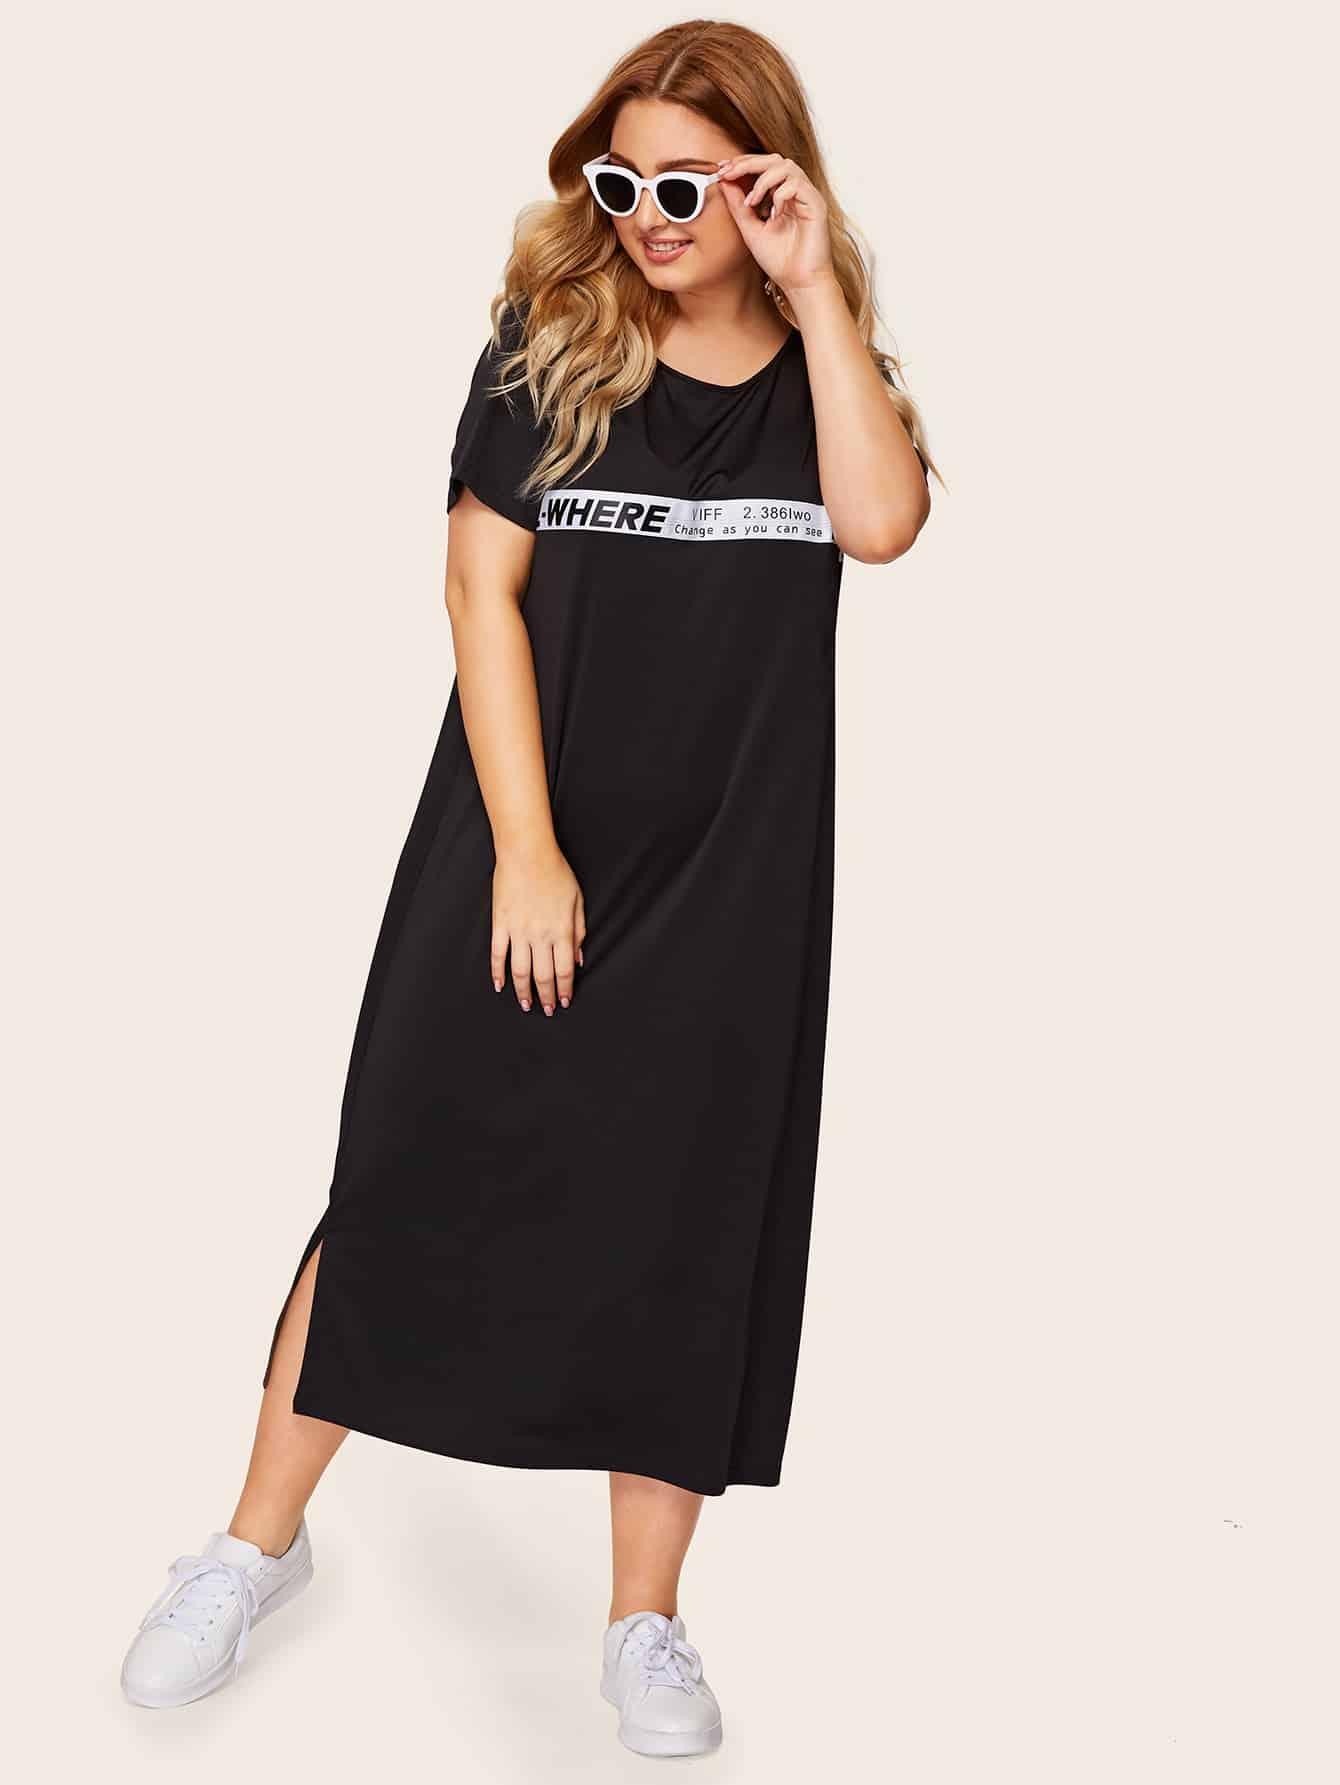 Фото - Размера плюс платье с полосками и текстовым принтом от SheIn цвет чёрные